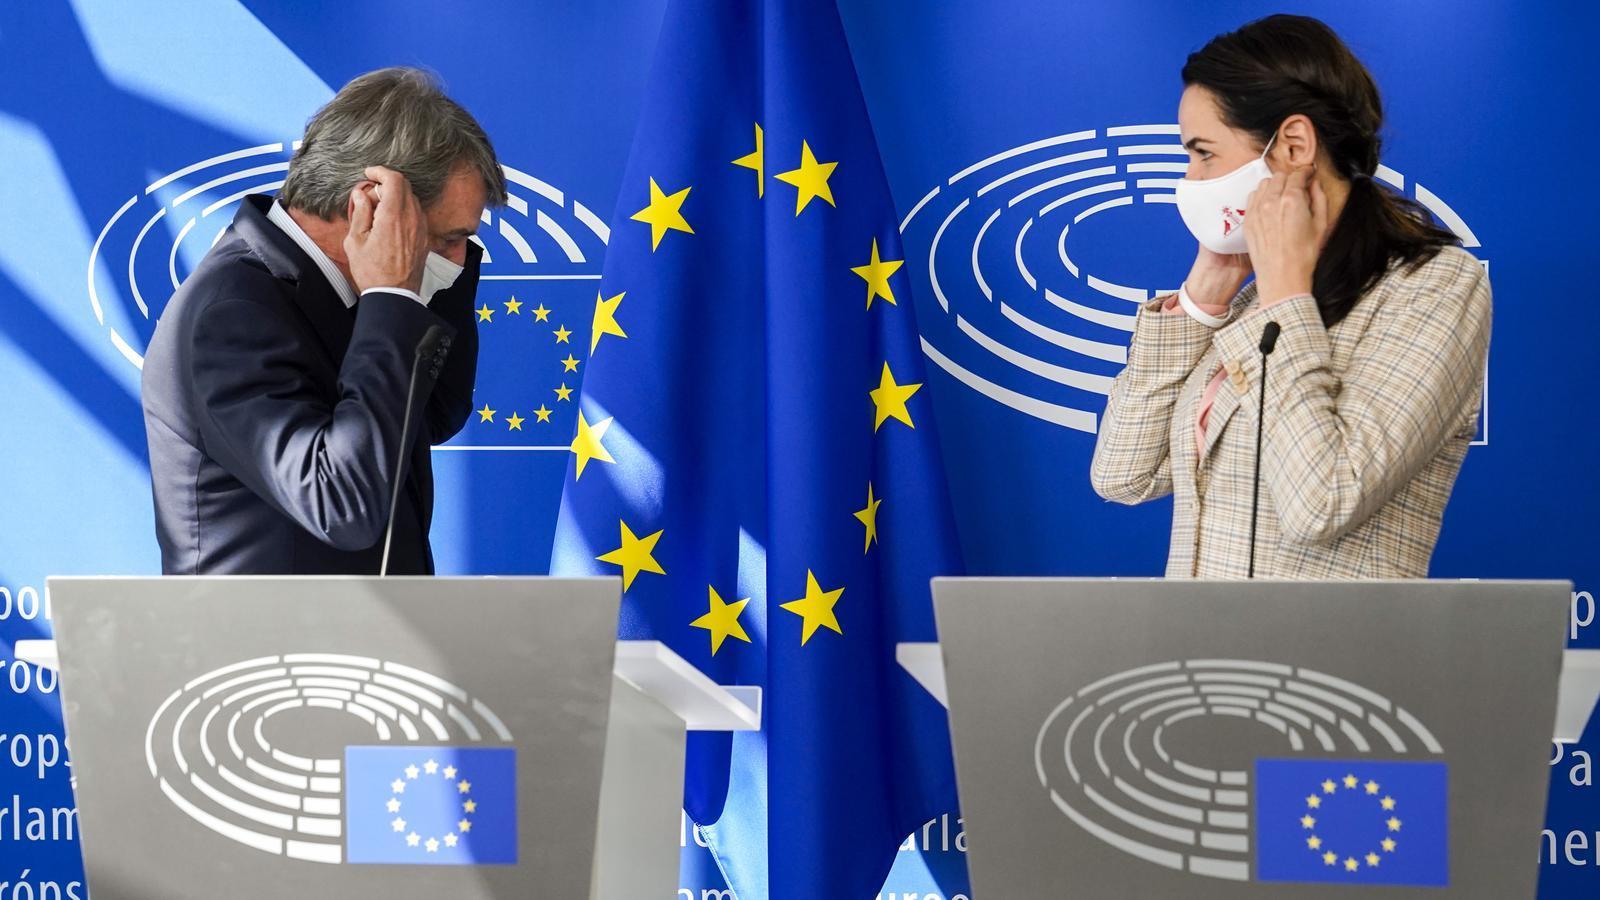 La líder opositora de Bielorússia, Svetlana Tikhanóvskaia,  amb el president del Parlament Europeu, David Sassoli. / Parlament Europeu